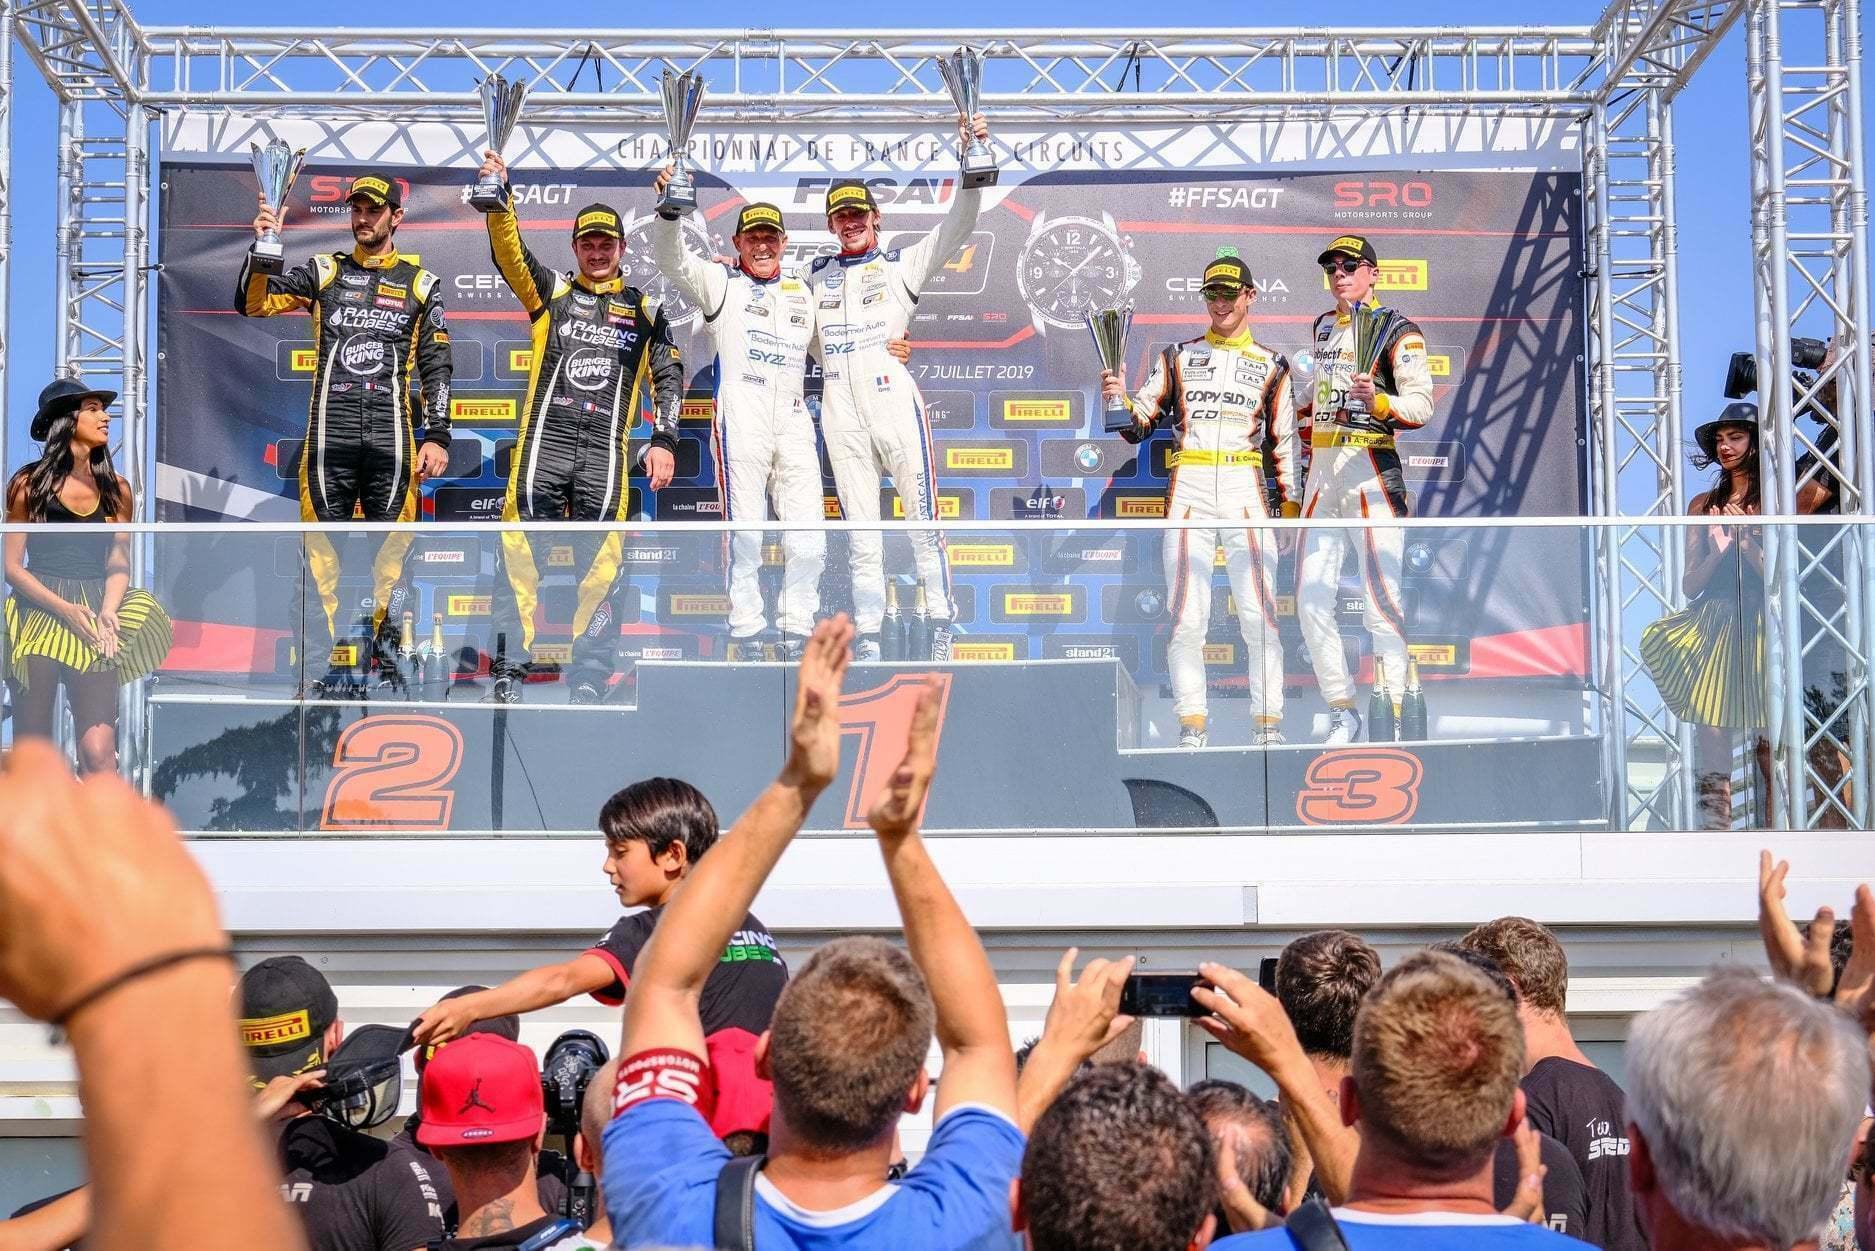 FFSA GT4 Circuit Lédenon Course 1 2019 Bodemer CMR Alpine A110 2 | FFSA GT: Rédélé Compétition s'impose à Lédenon ! (Course 1)